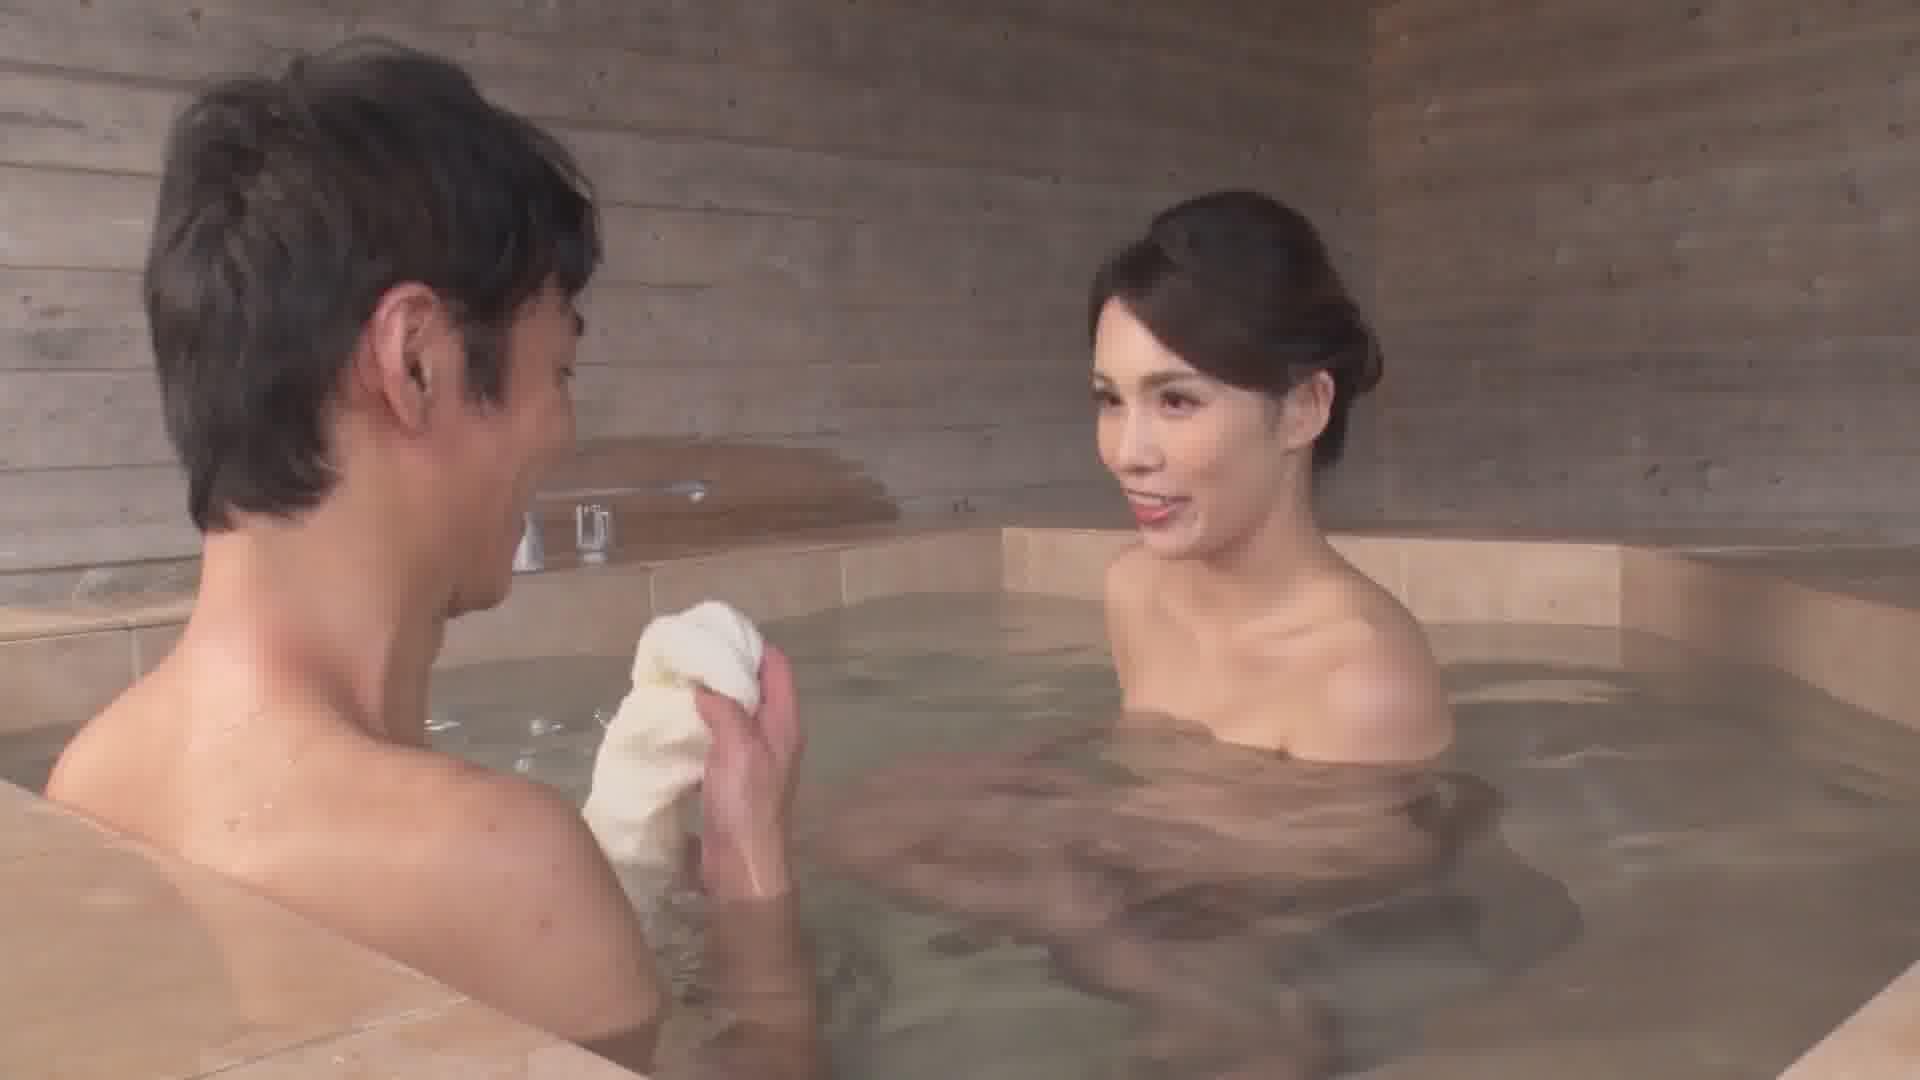 洗練された大人のいやし亭 ~濡れたアソコにおぶち込みくださいませ~ - 上山奈々【美乳・パイズリ・着物】